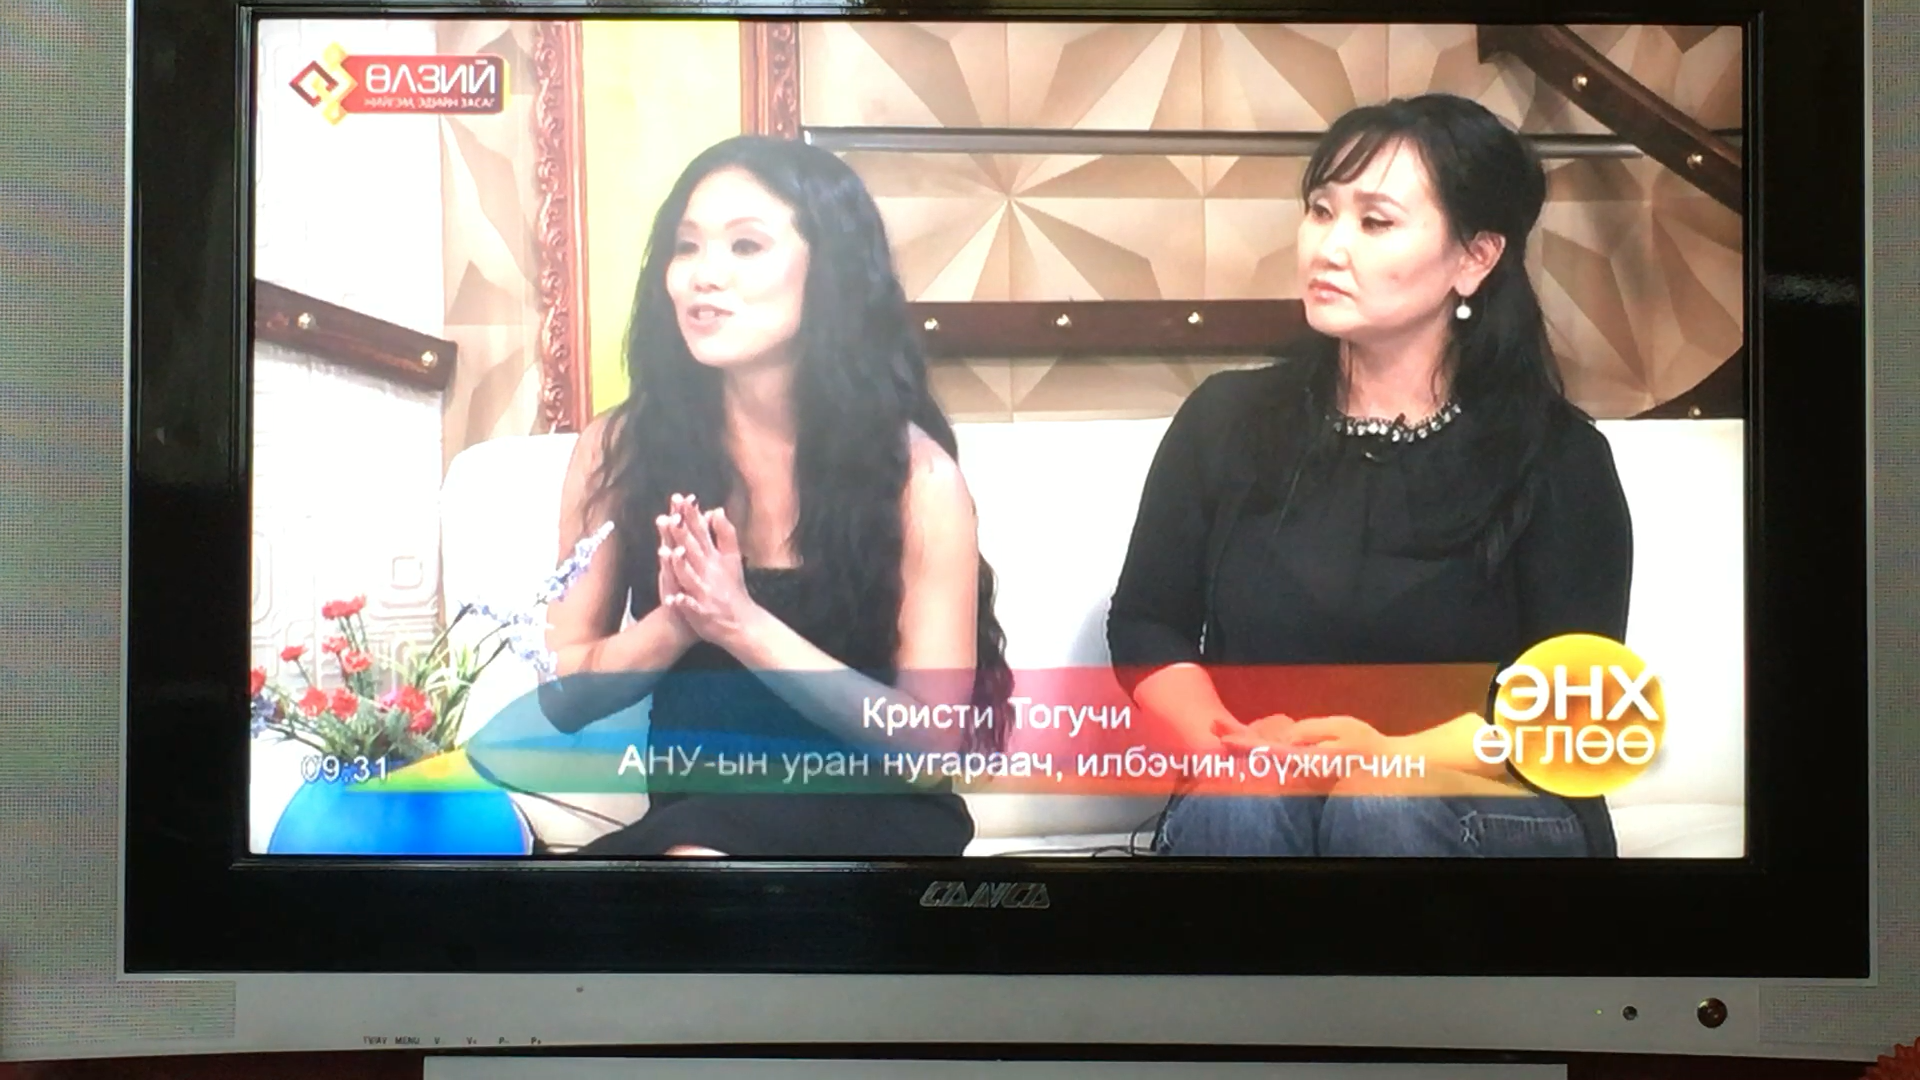 Mongolia TV